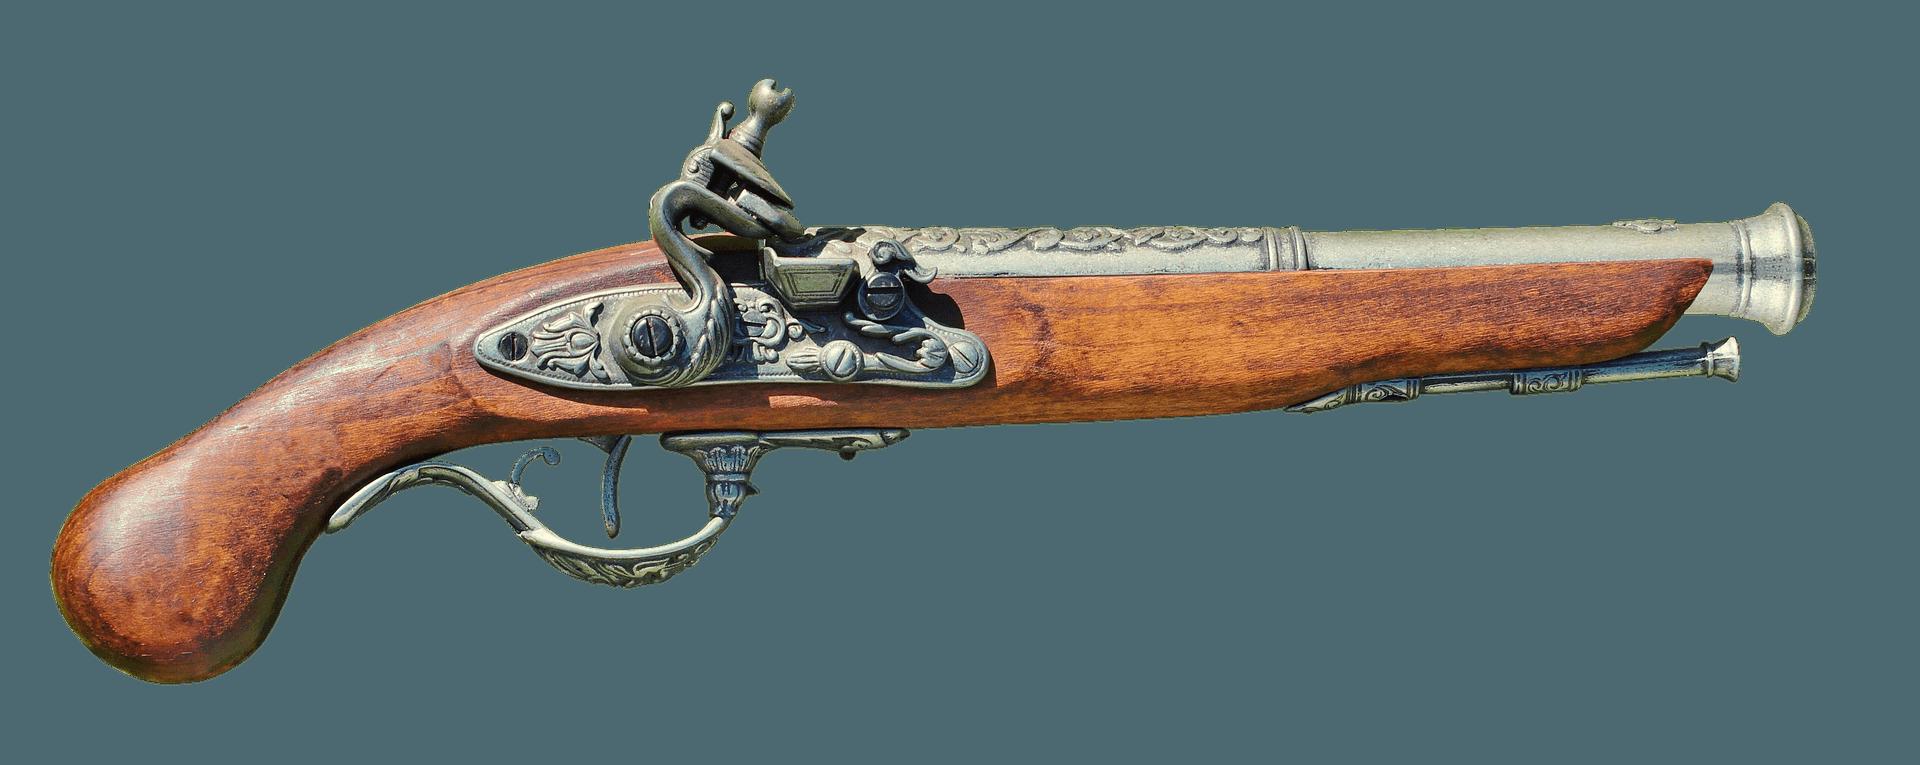 """100 Jahre Diskussion um das """"richtige"""" Waffengesetz"""